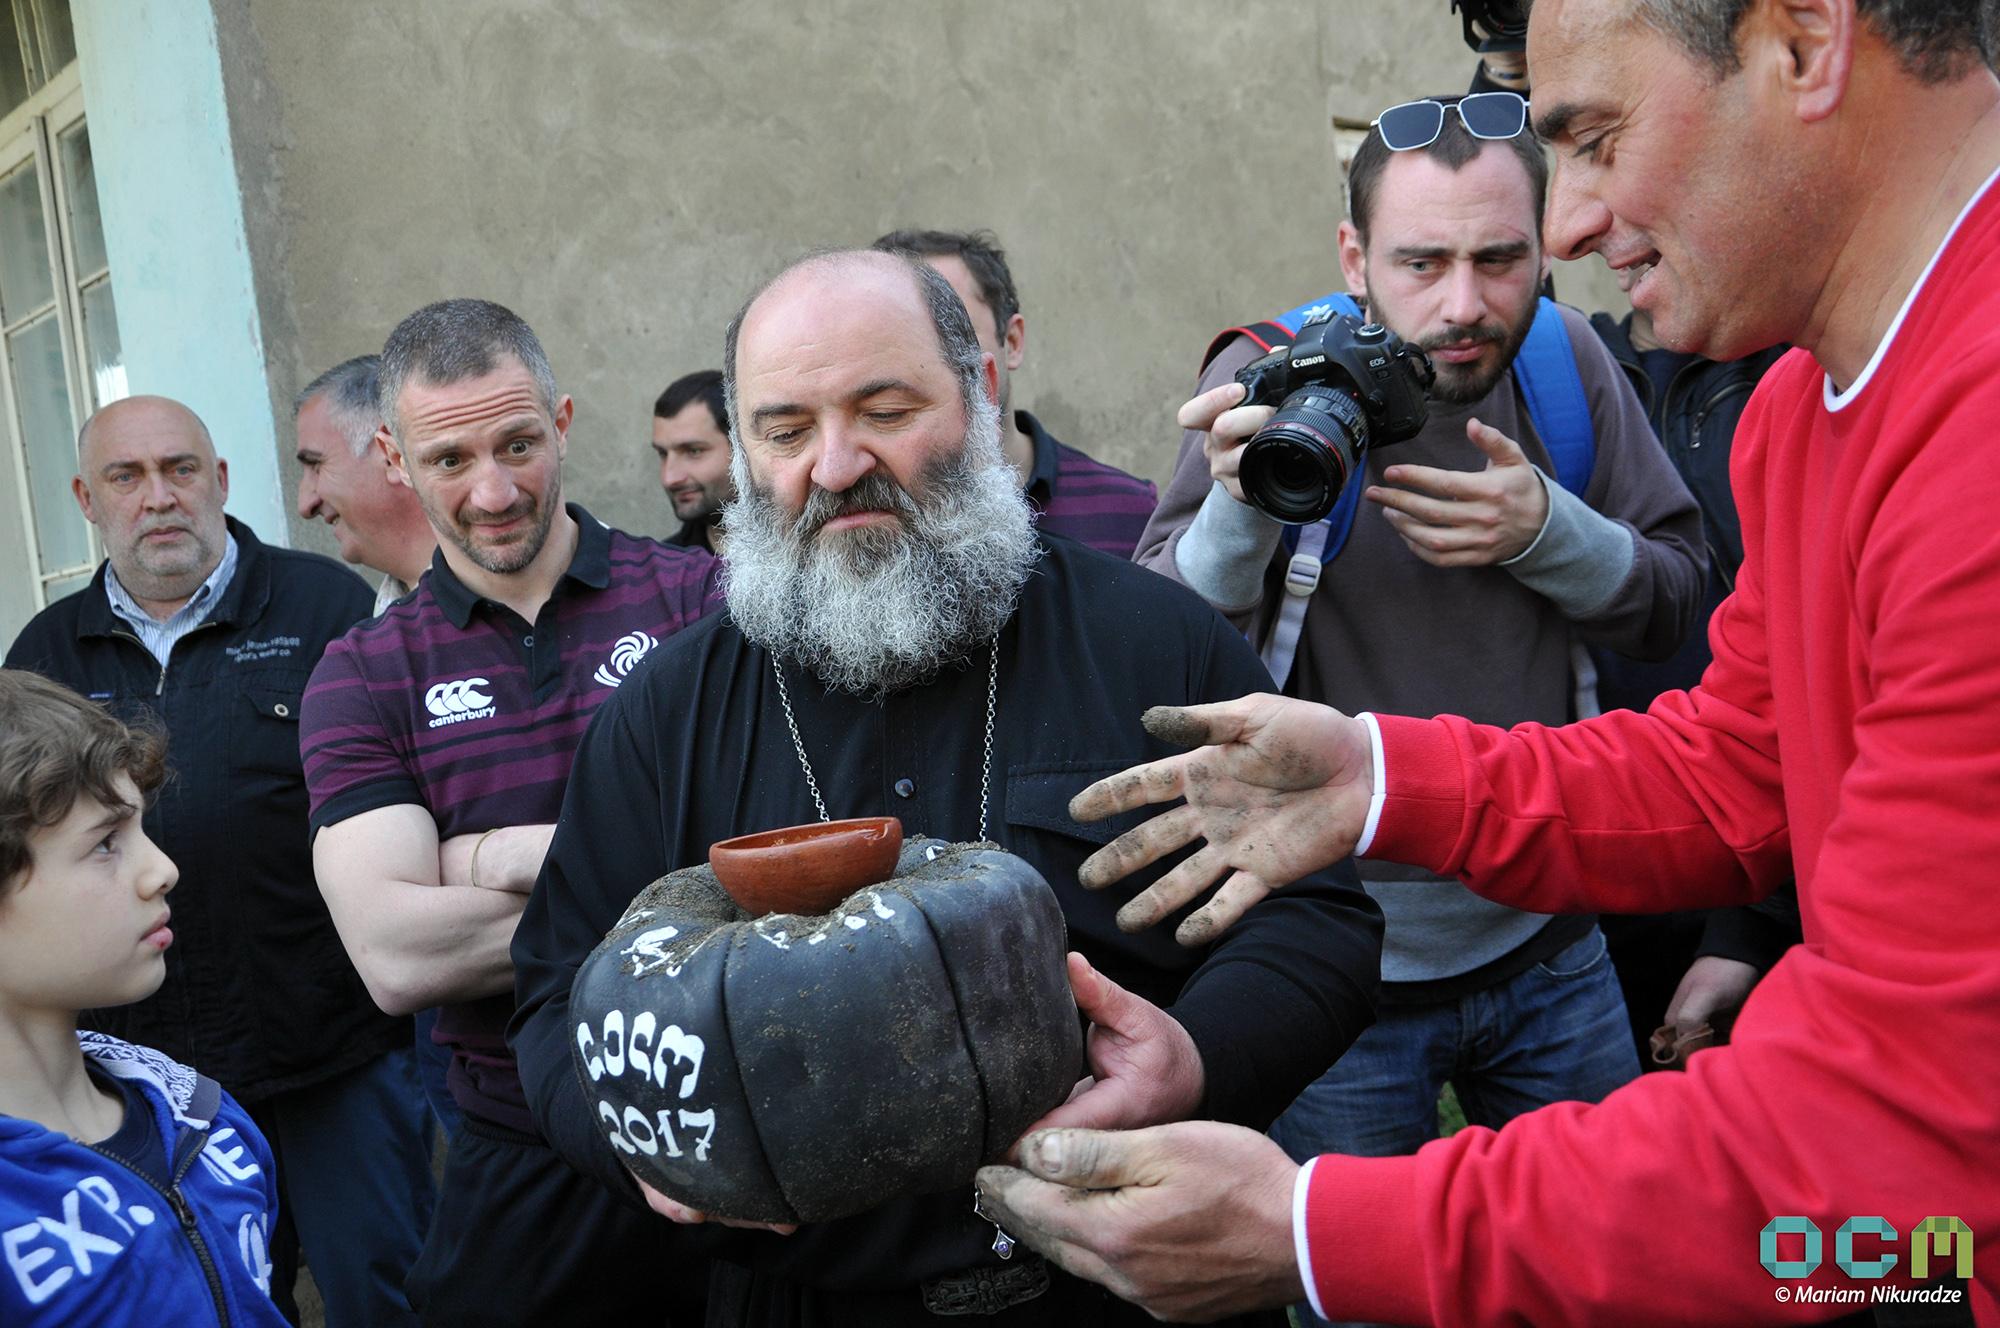 Photo: Mariam Nikuradze/OC Media